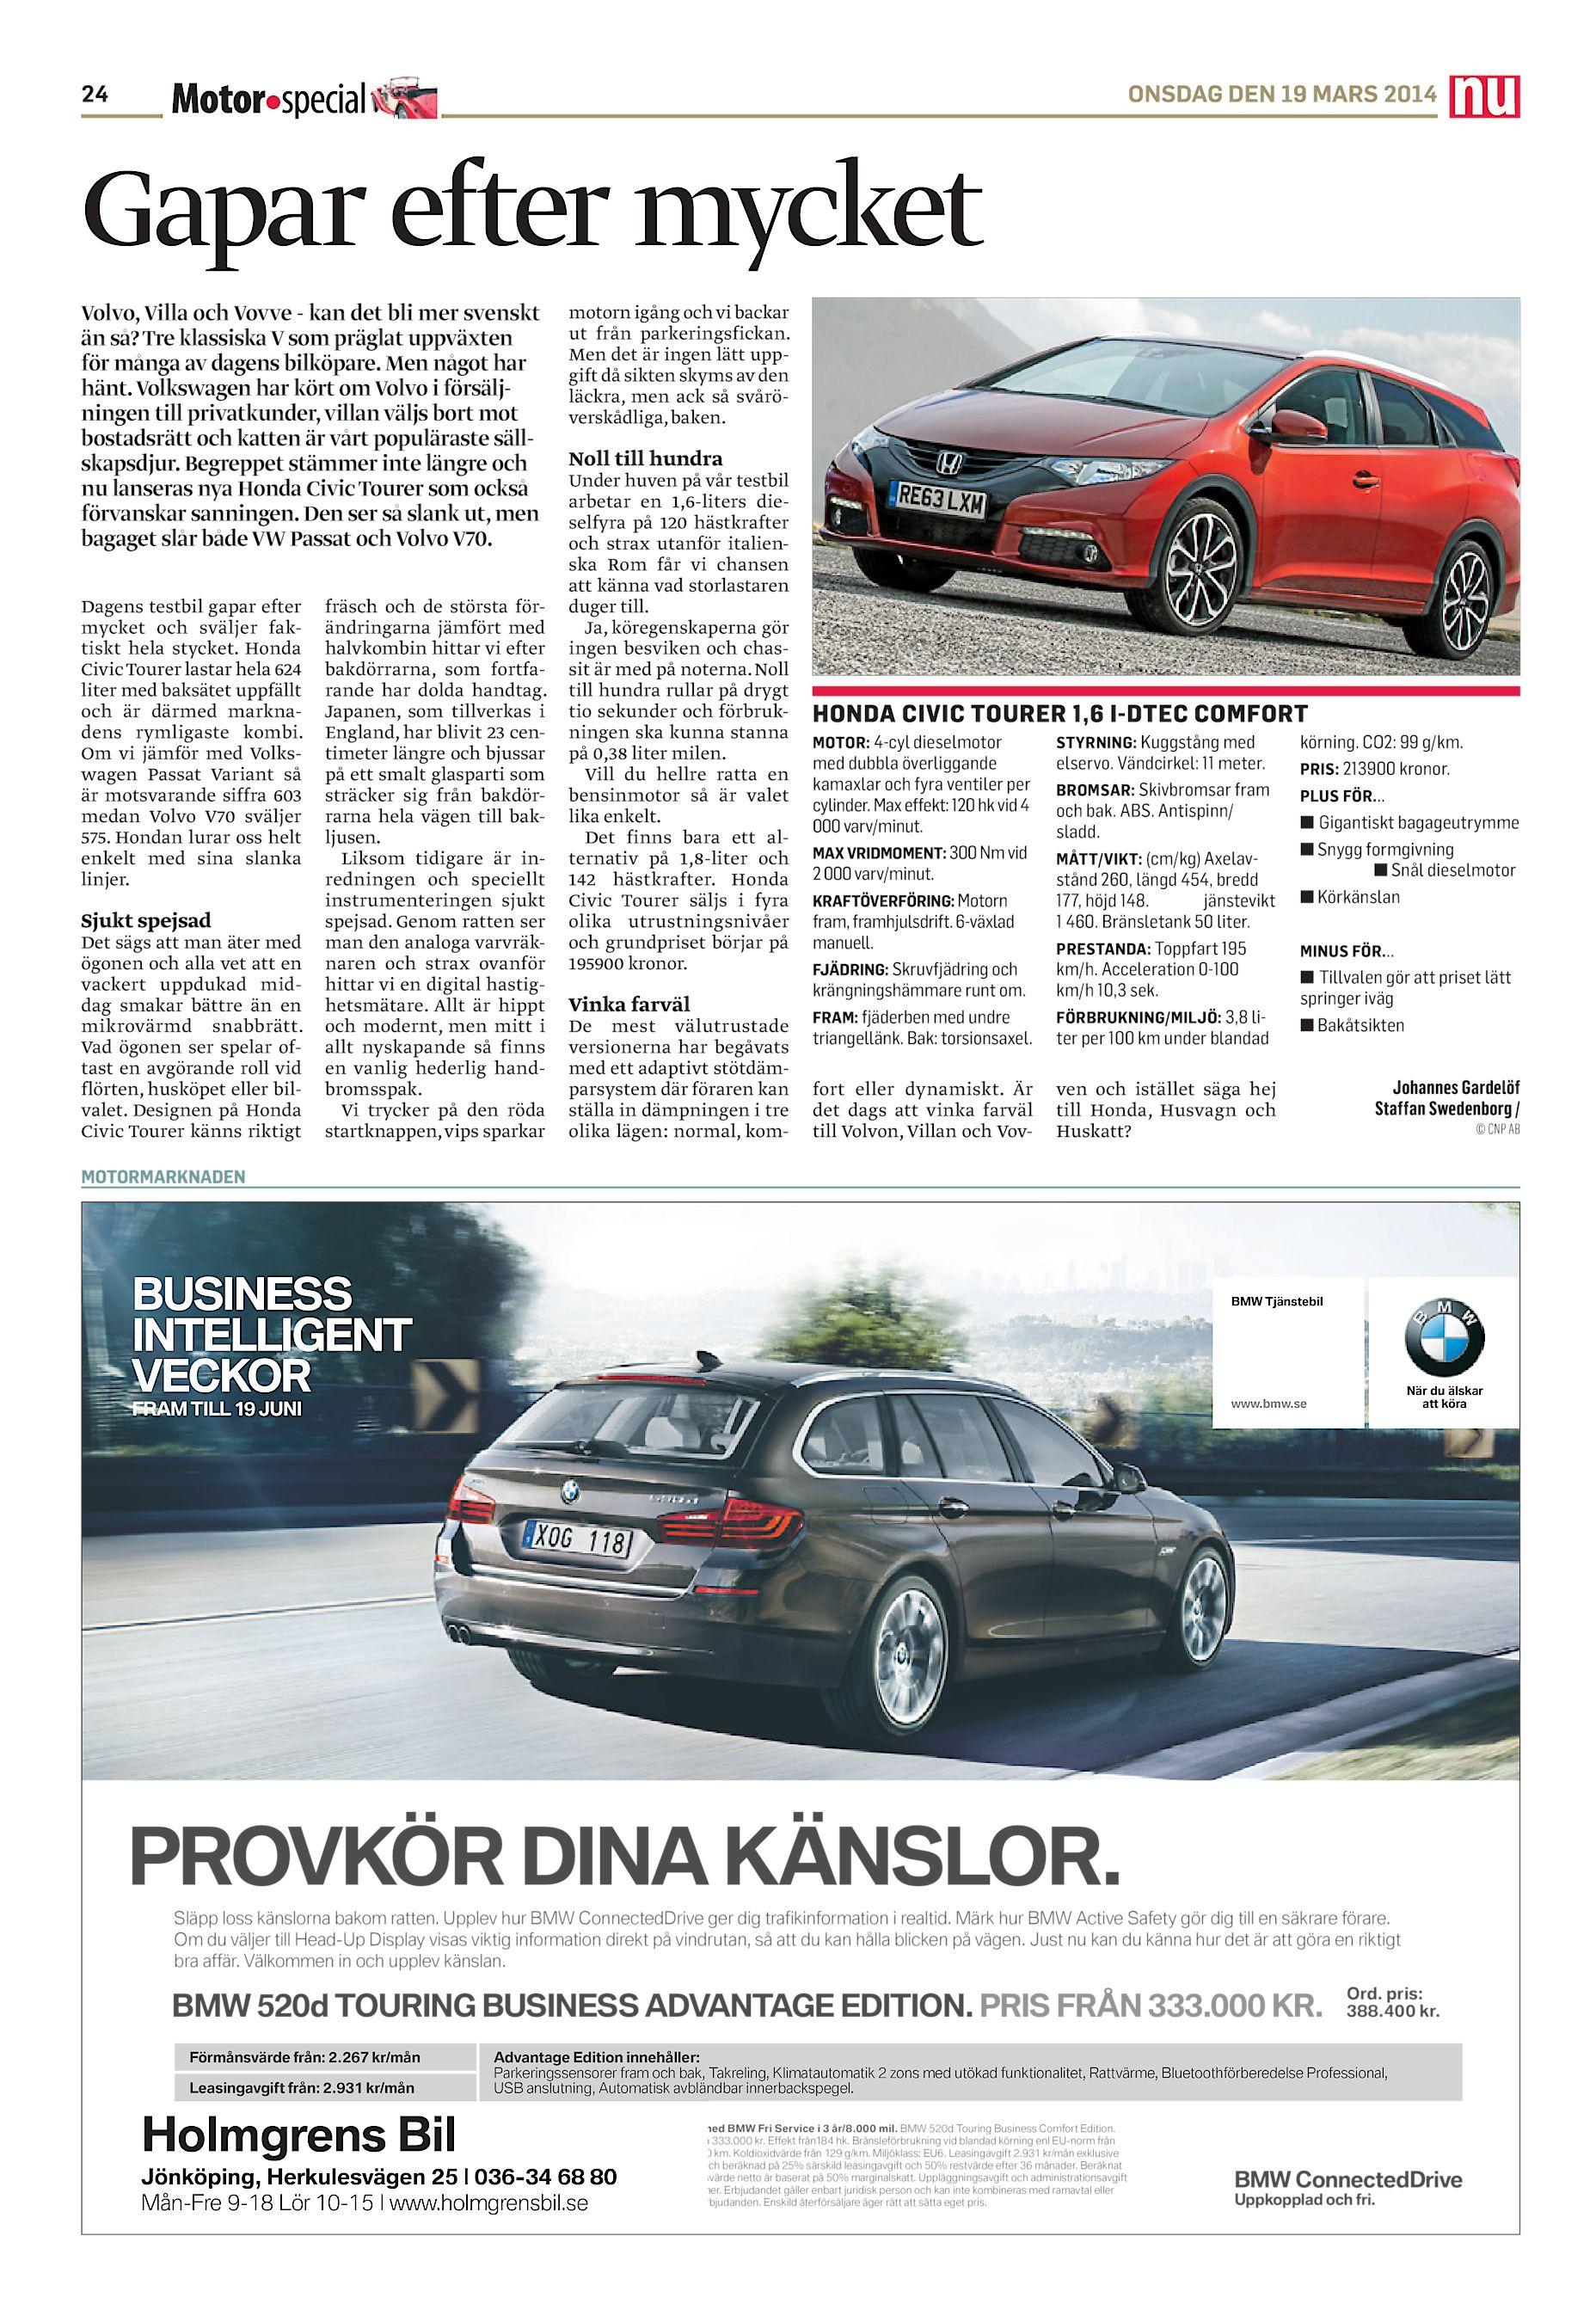 Svenska lastbilar lockar fram vilda ideer om samarbete